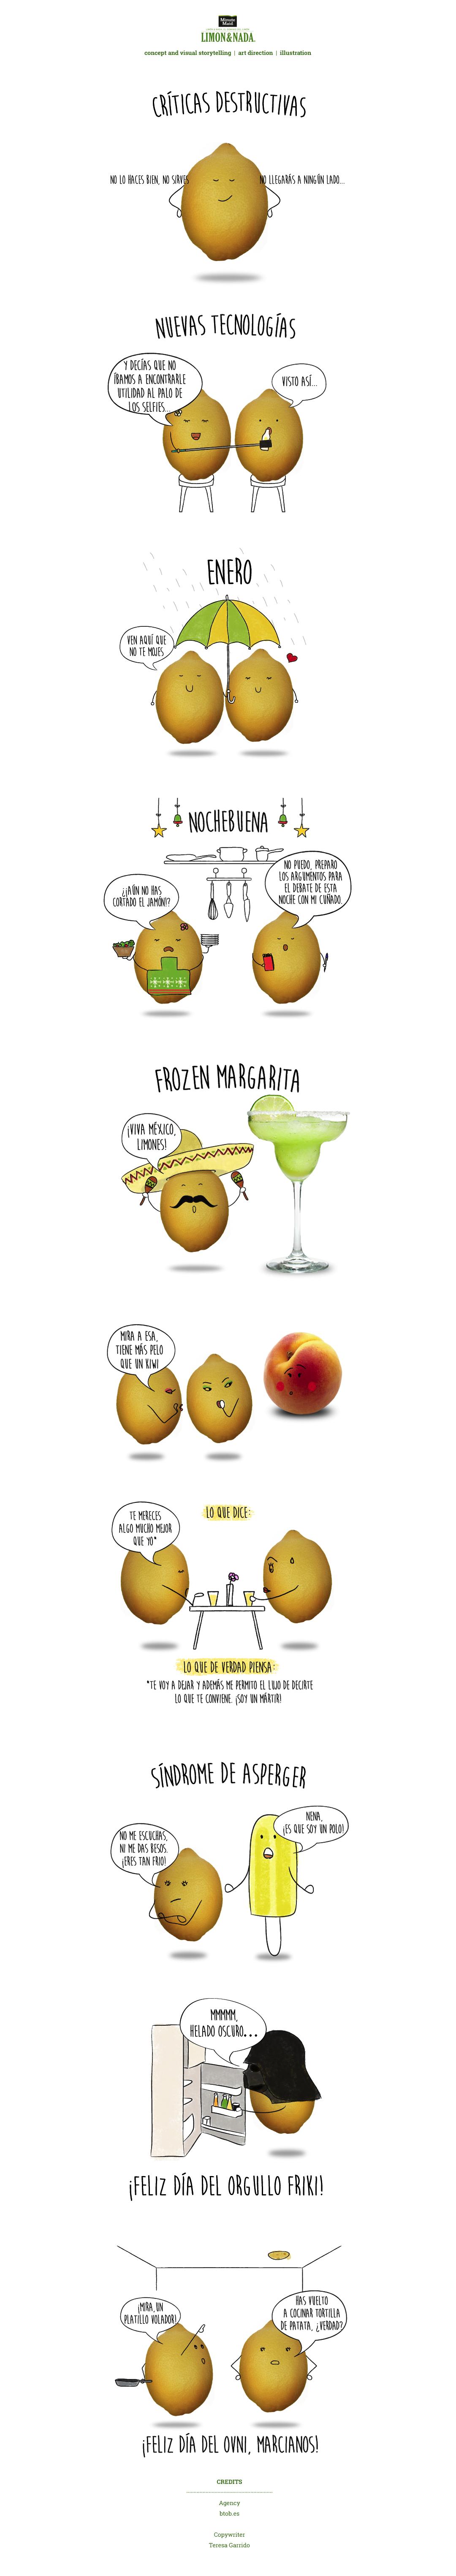 Limon & Nada storytelling